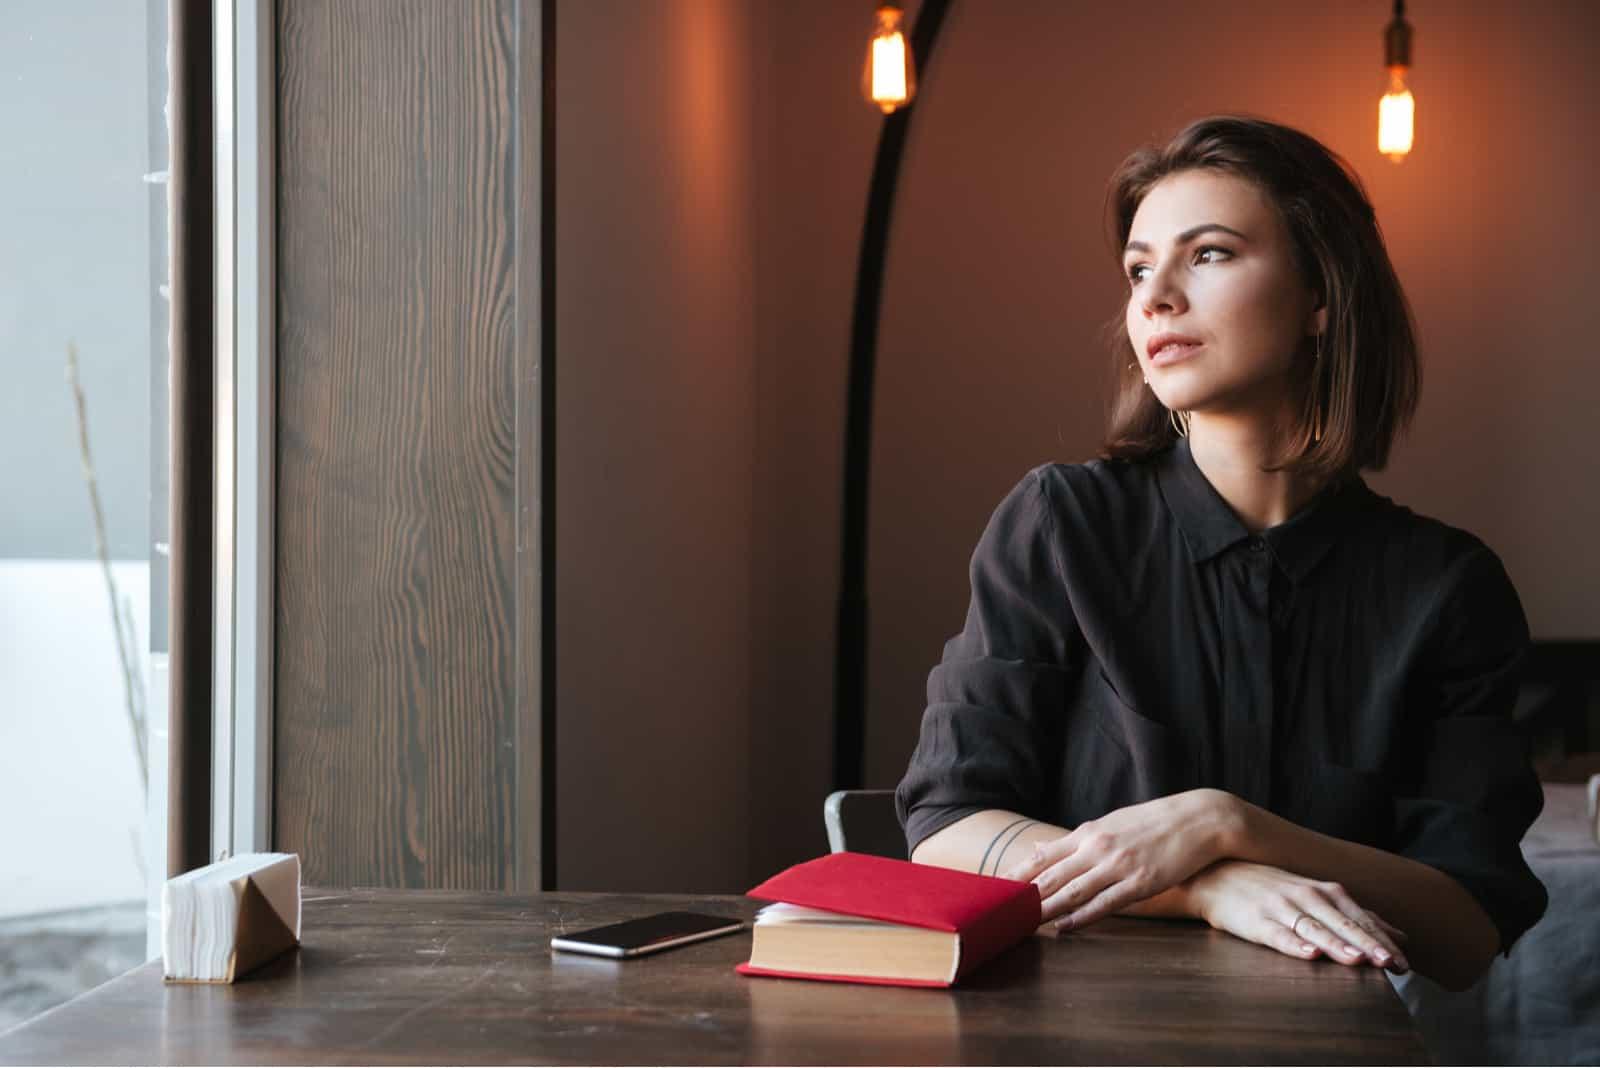 femme assise à la table près de livre et téléphone au café